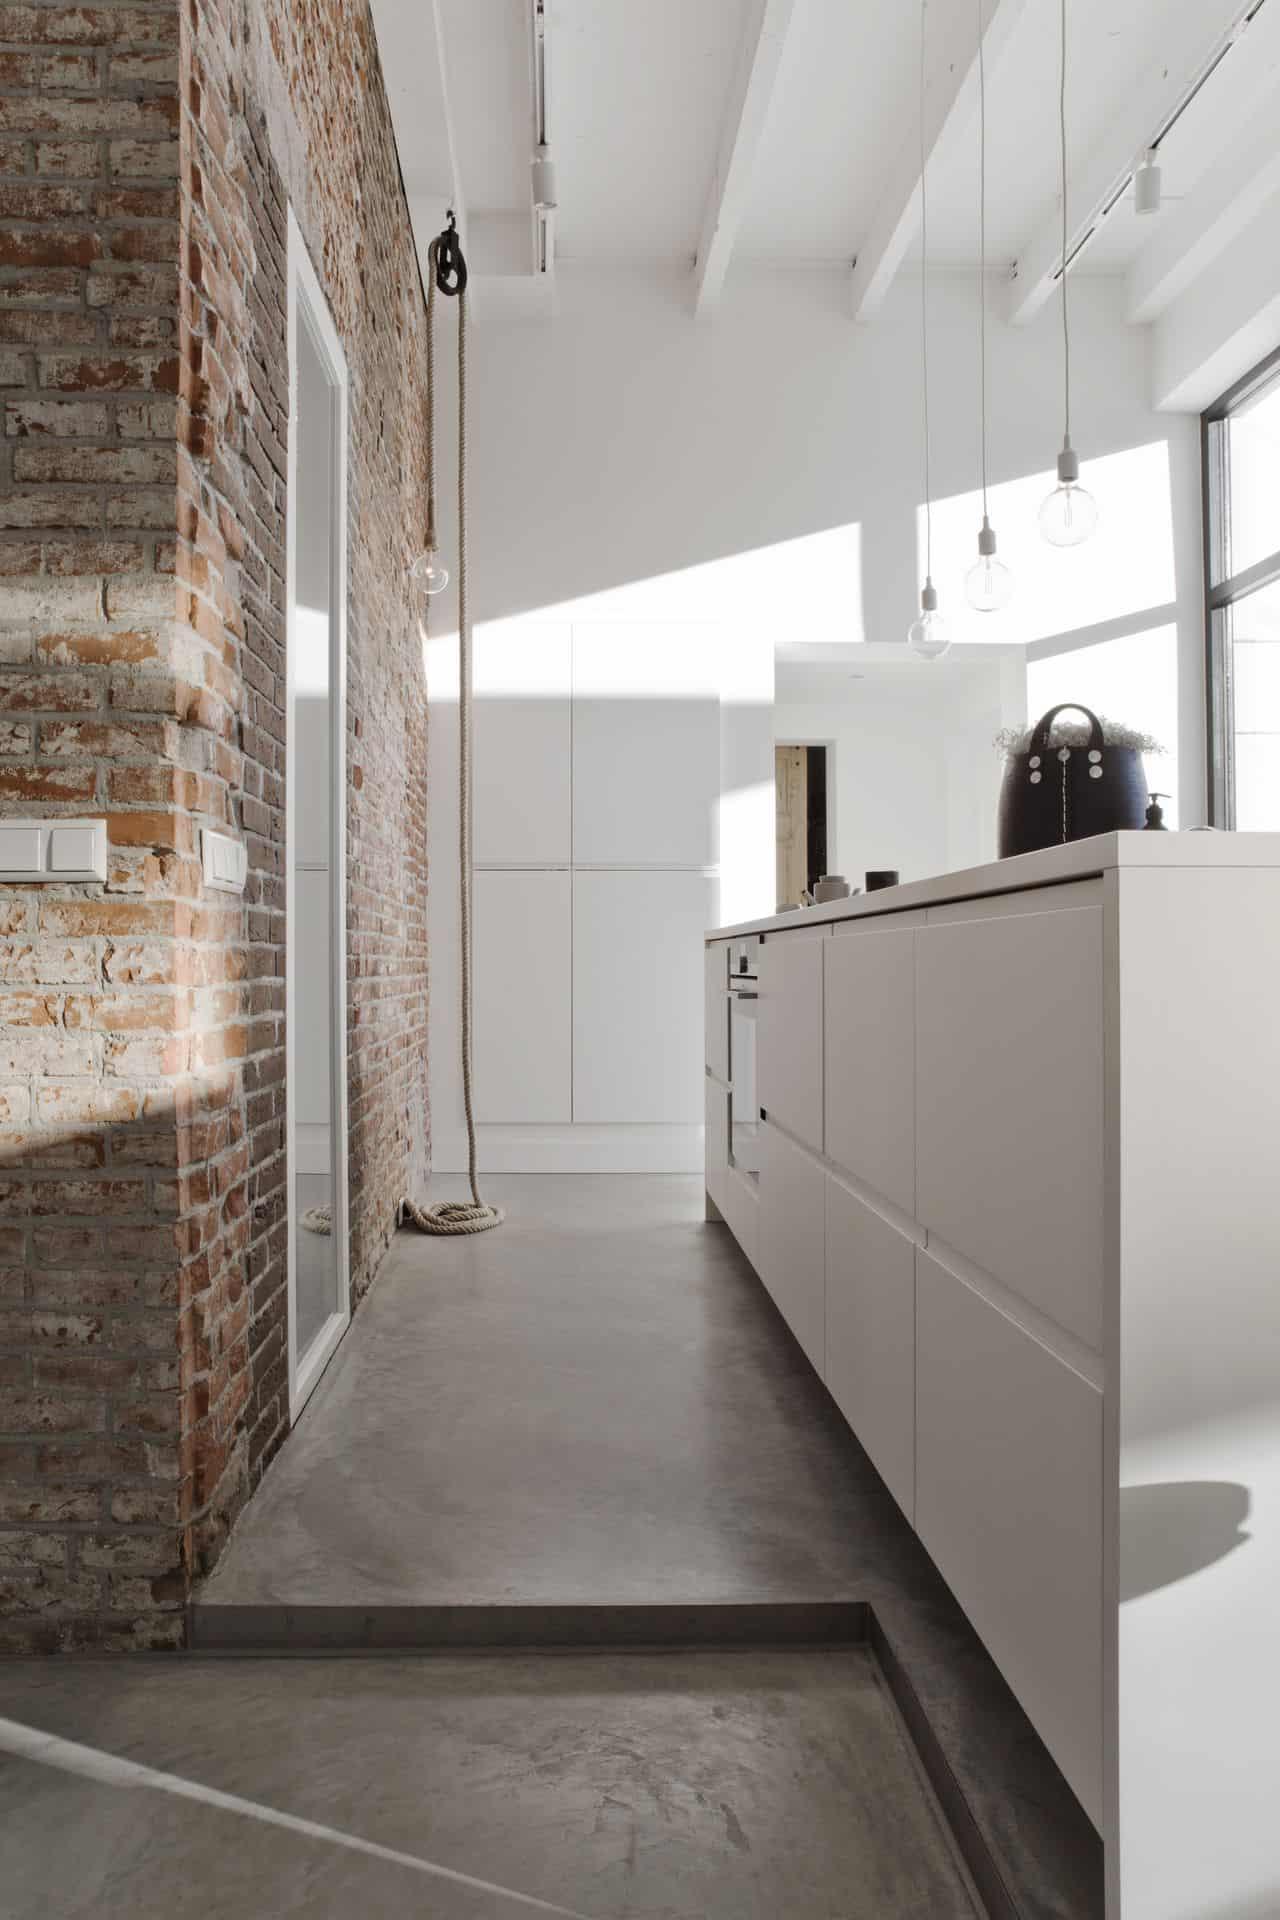 betonvloer met witte keuken en stenen muur, woonkeuken met betonvloer,